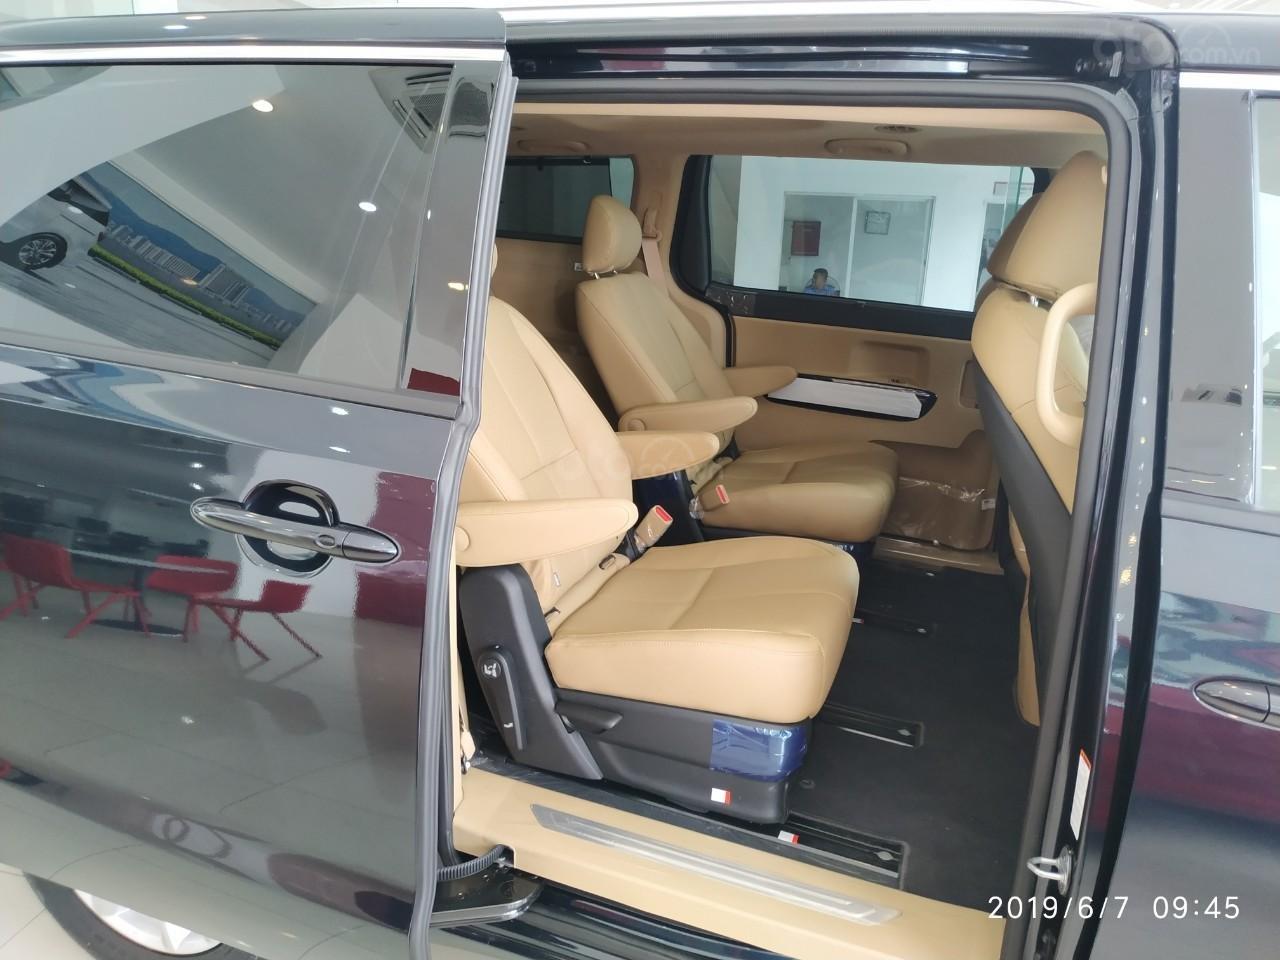 Bán ô tô Kia Sedona Luxury, Platinum D, Platinum G sản xuất năm 2019, màu xanh lam (10)